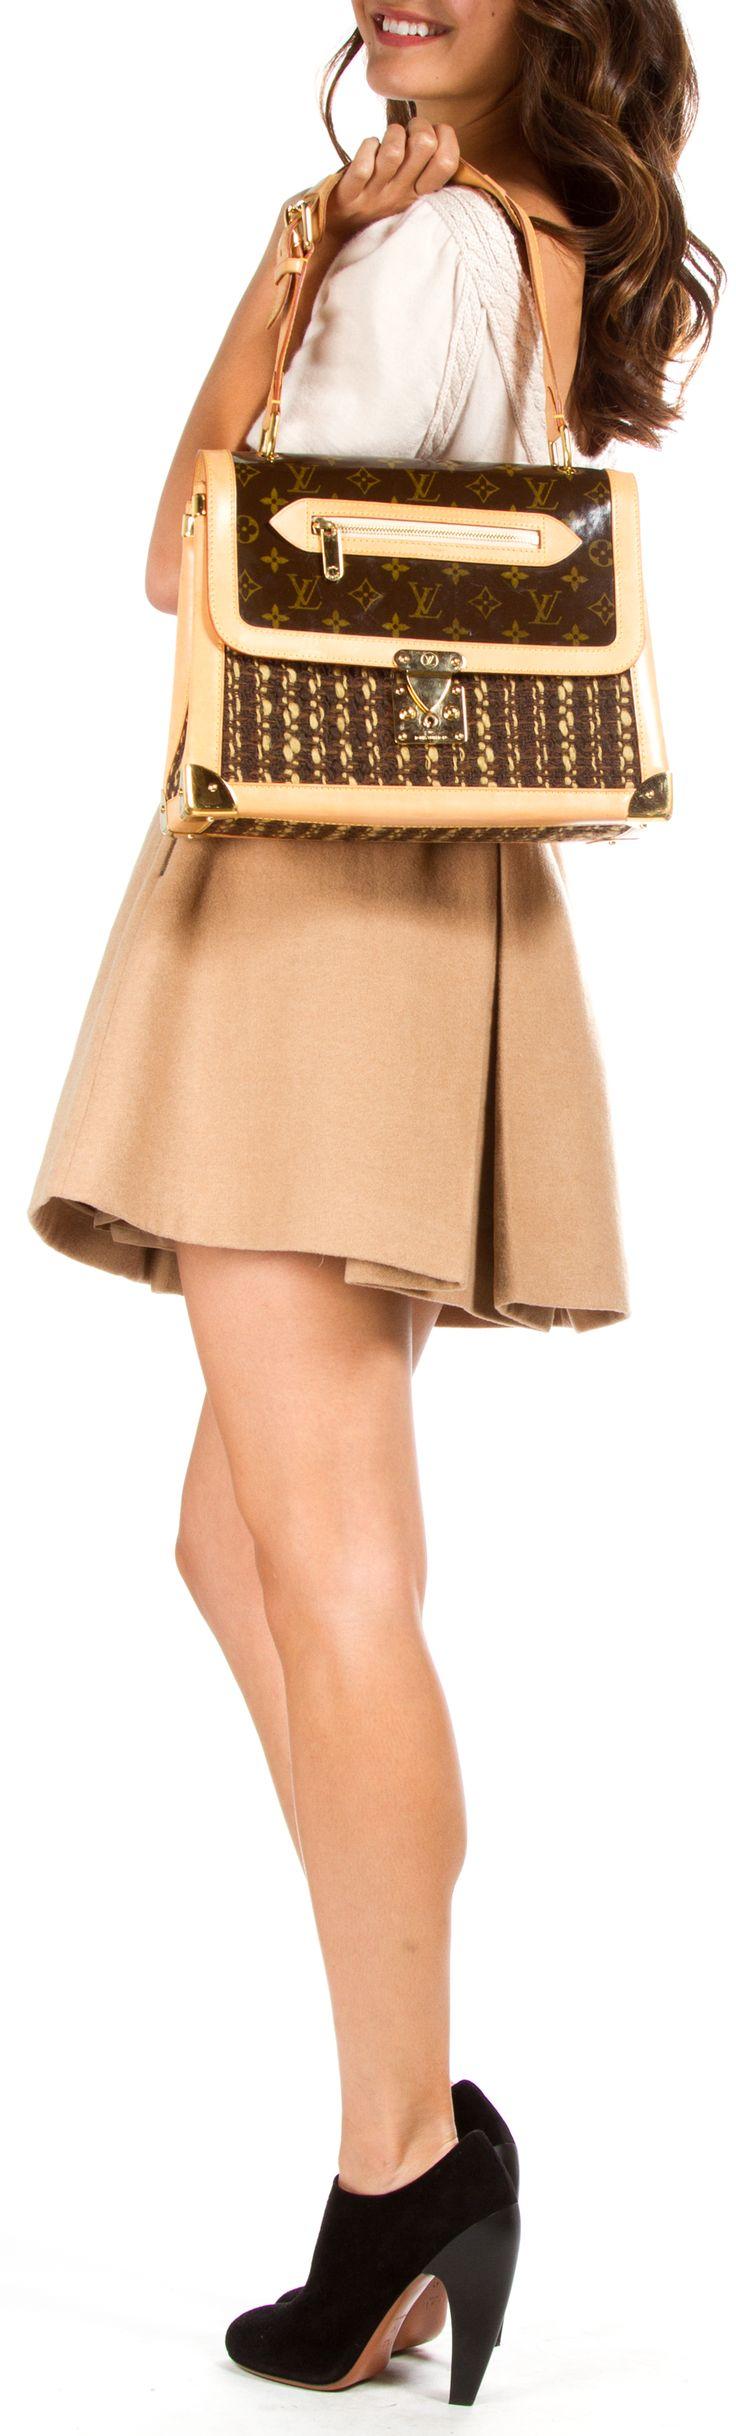 Louis Vuitton Shoulder Bag @FollowShopHers